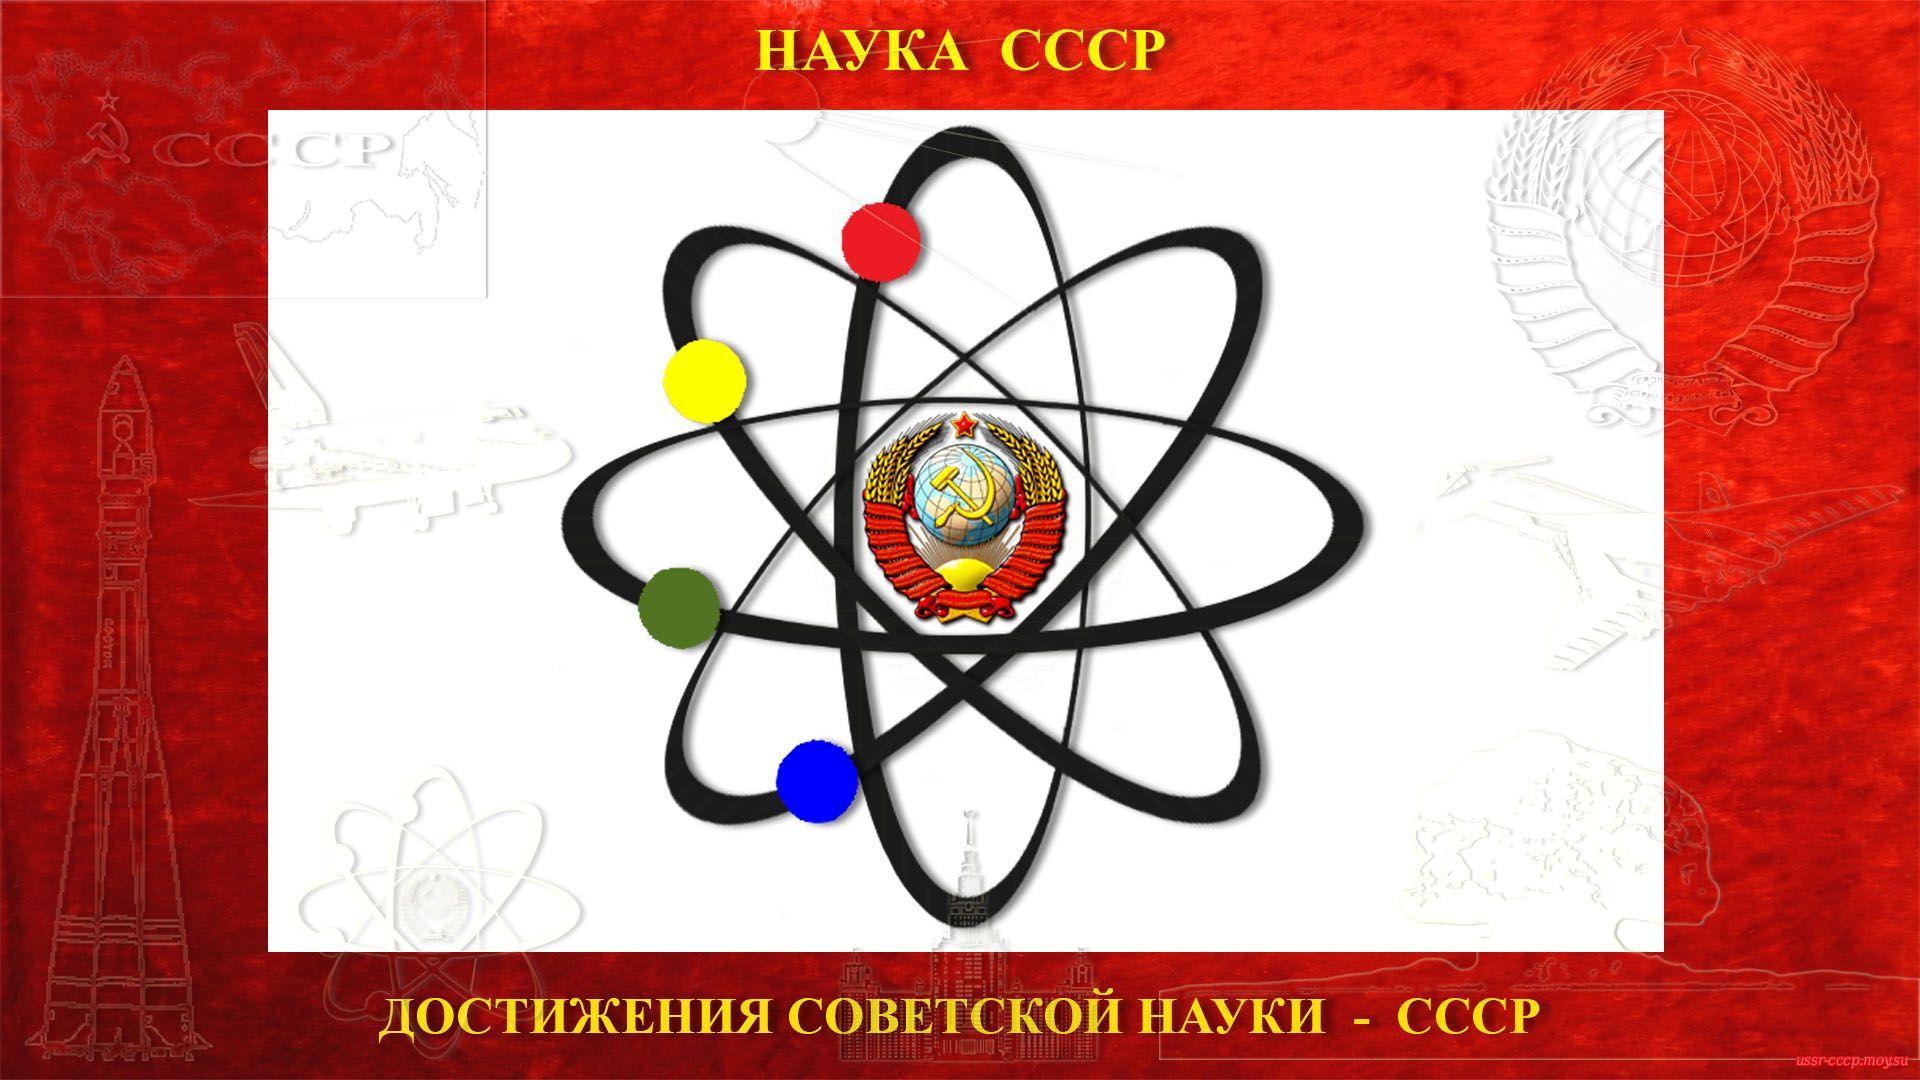 Советская наука в СССР — (30.12.1922 — 25.12.1991)